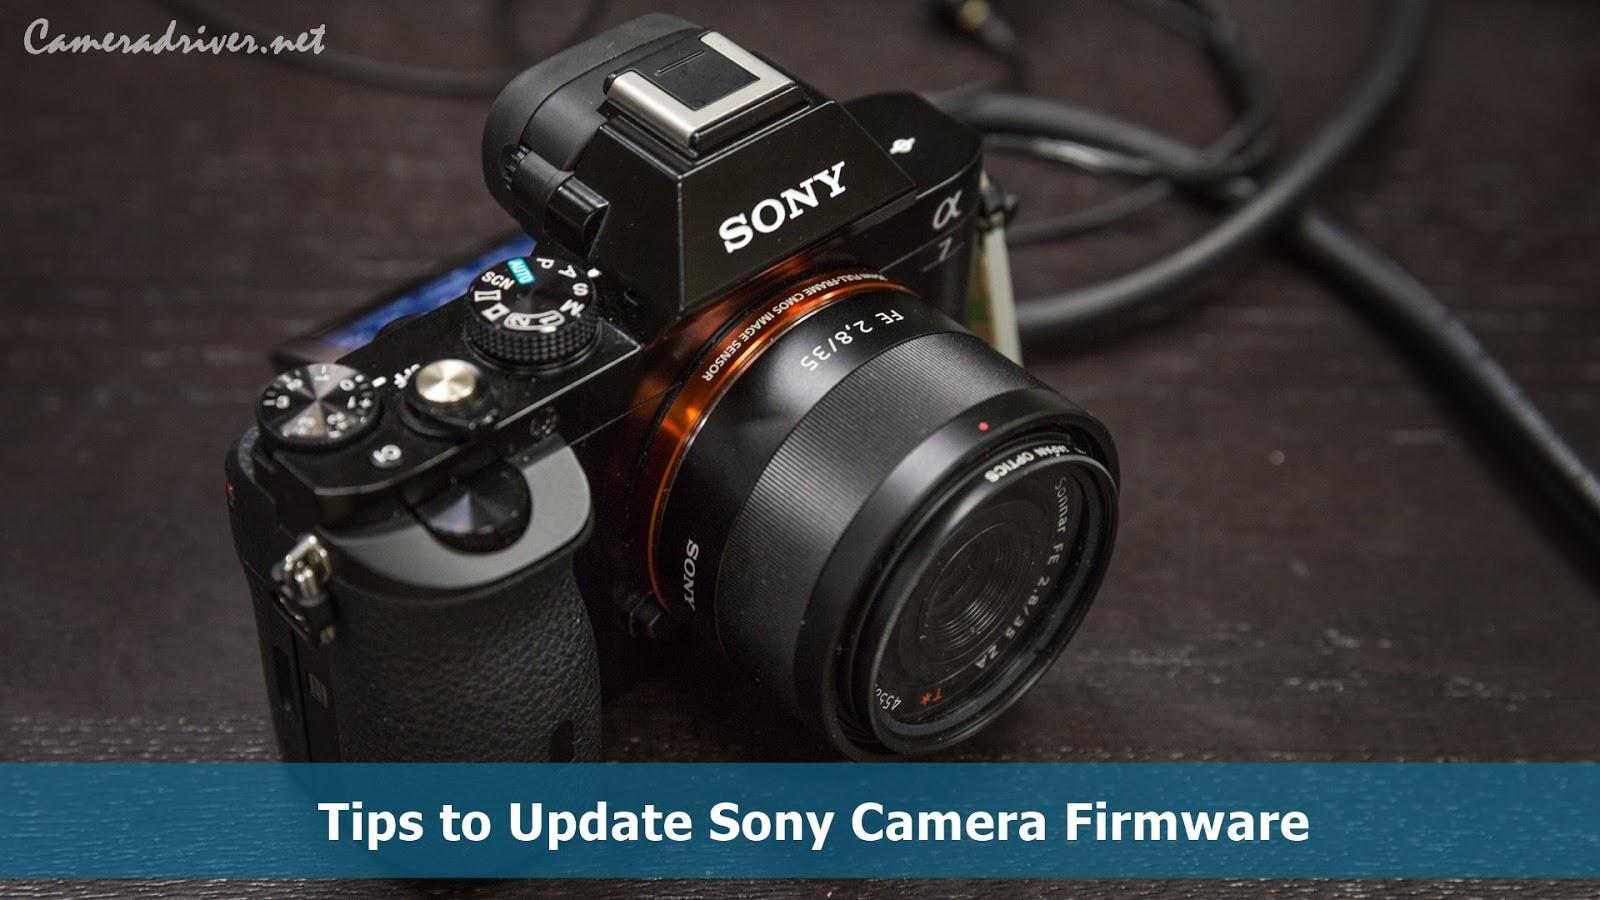 Sony Camera Firmware